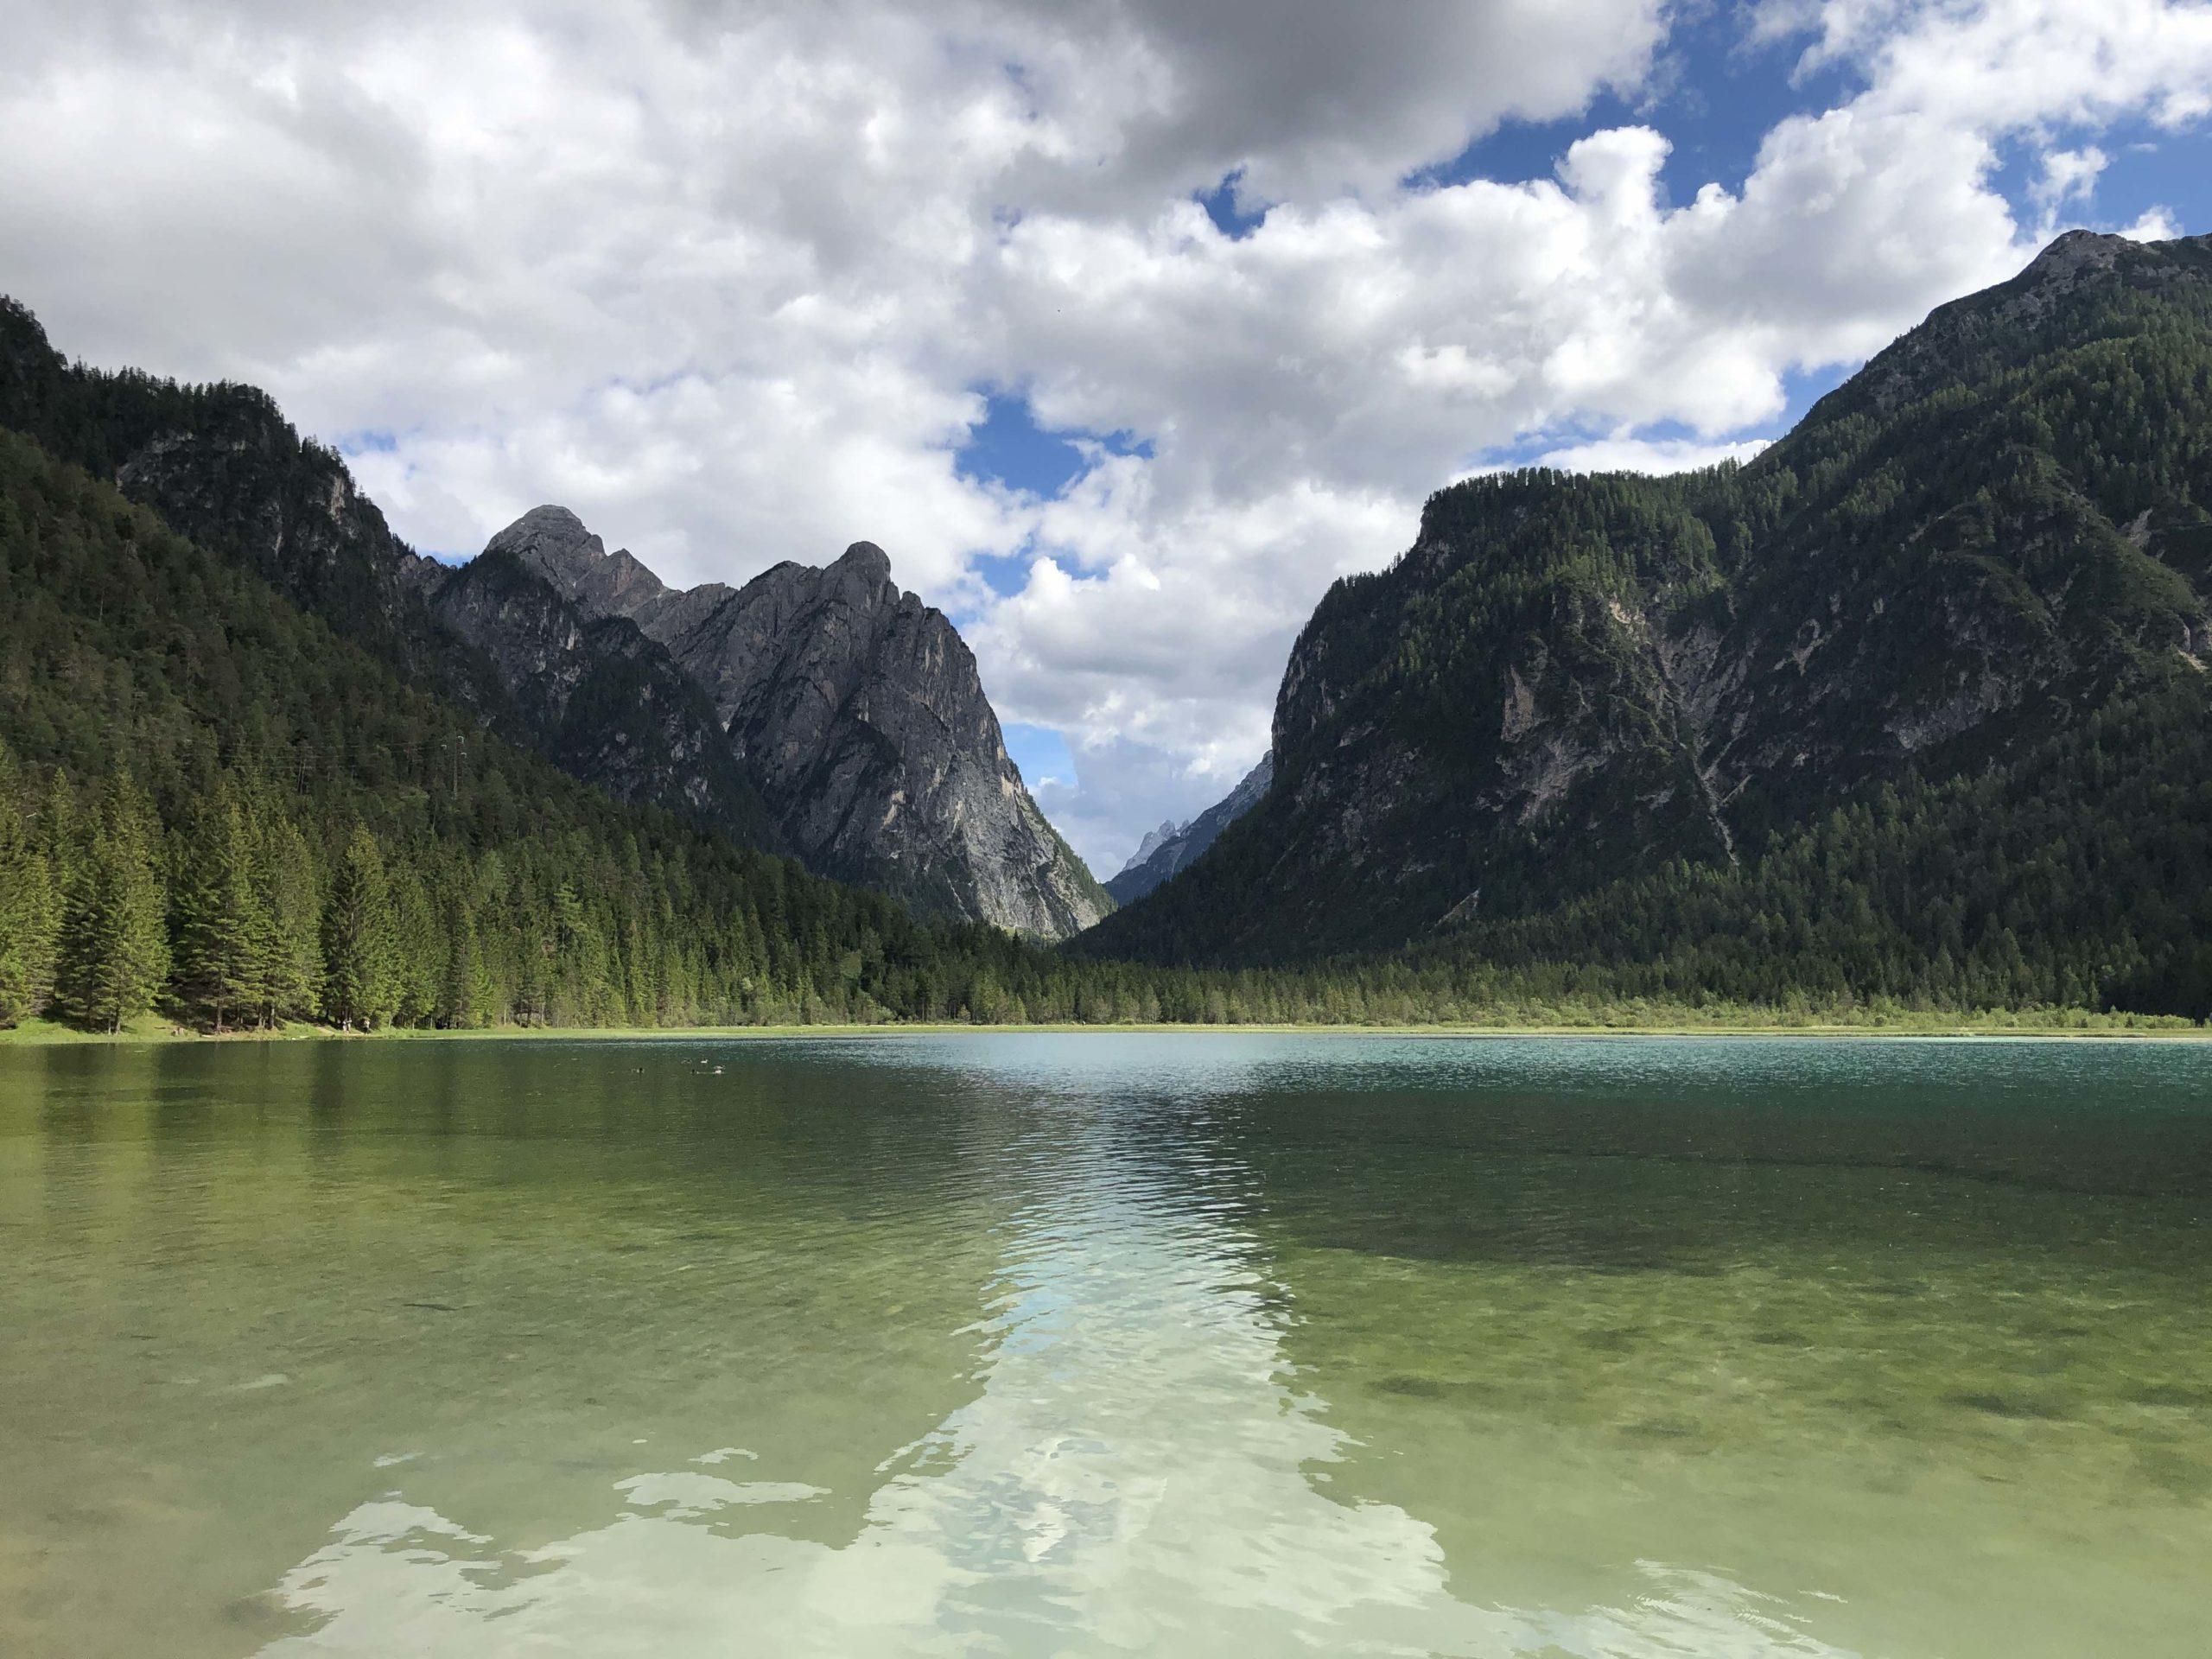 ciclabile delle Dolomiti visit Southtyrol viaggiatore lento dolomiti sudtirol Südtirol cicloturismo Dobbiaco lago di dobbiaco Cortina d'Ampezzo ciclovia